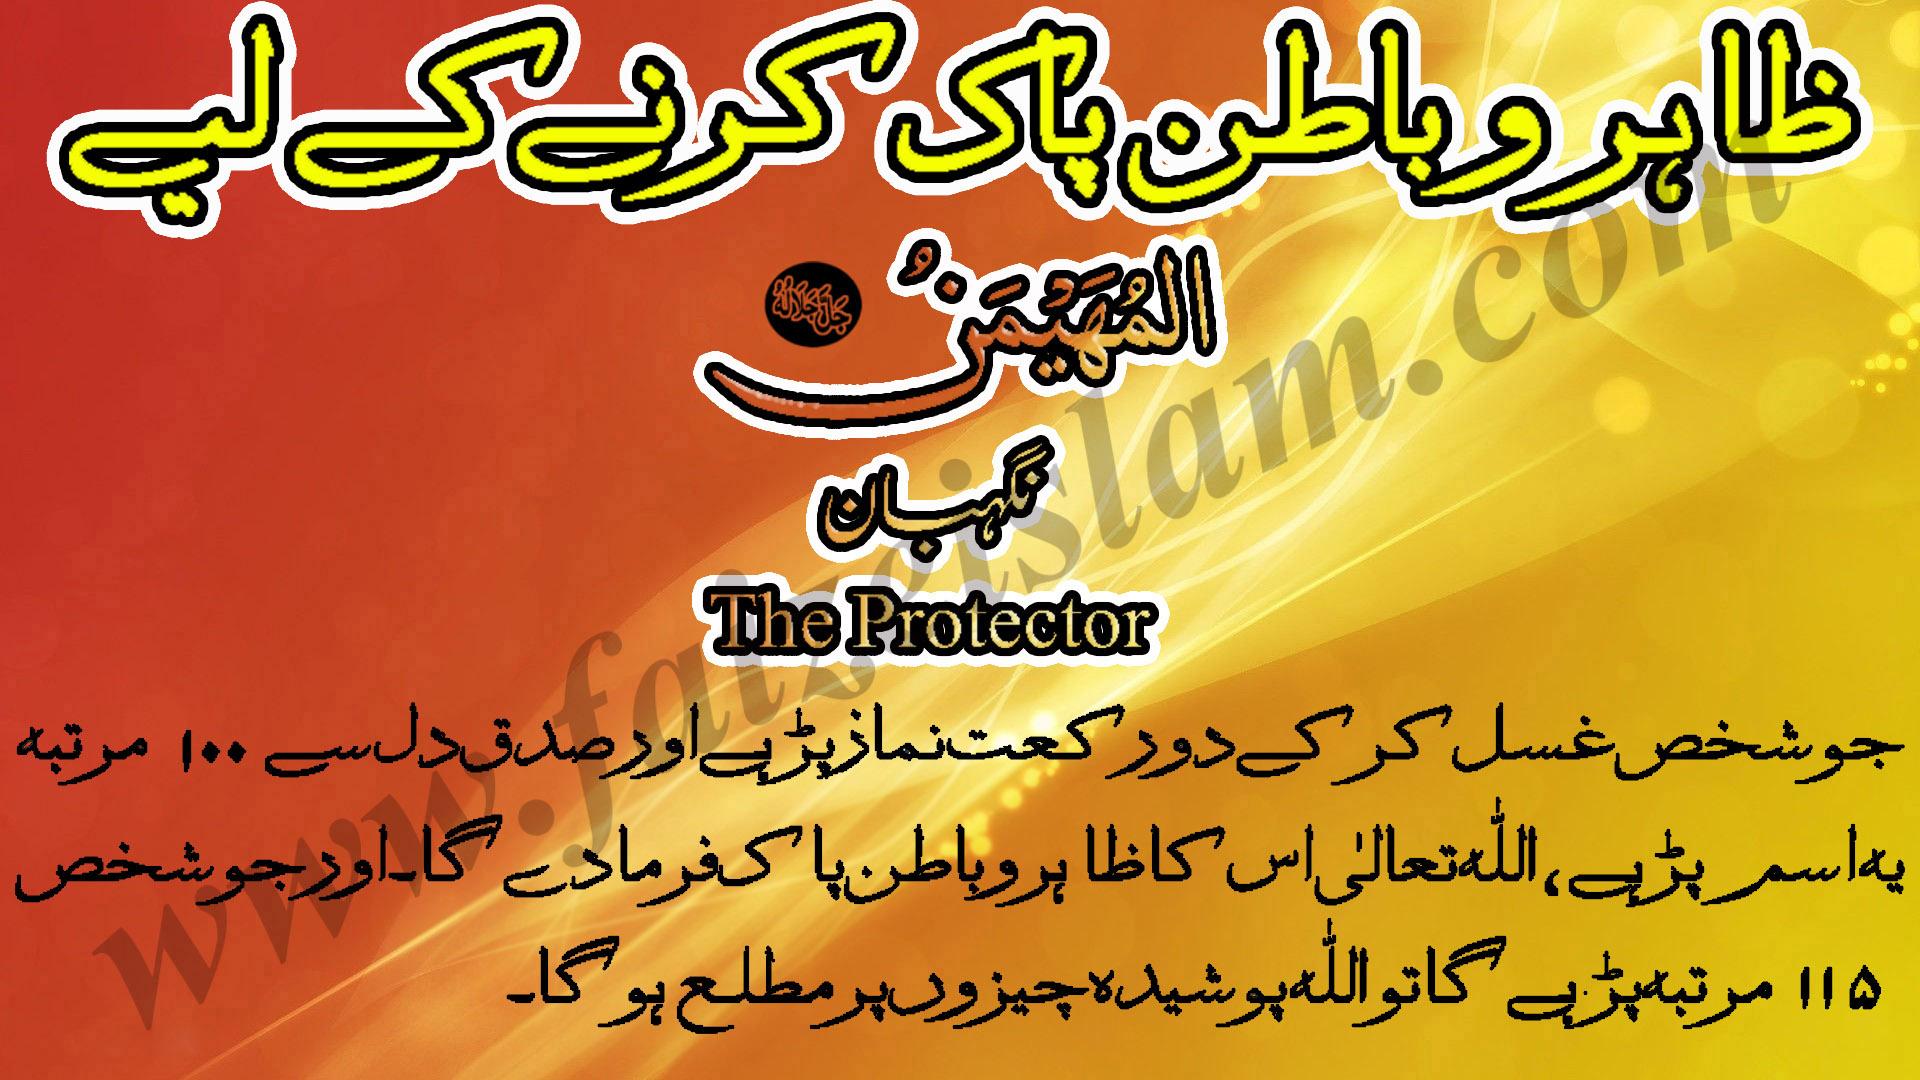 Photo of Zahir Aur Batin Pak Karnay Ke Liye Wazaif In Urdu